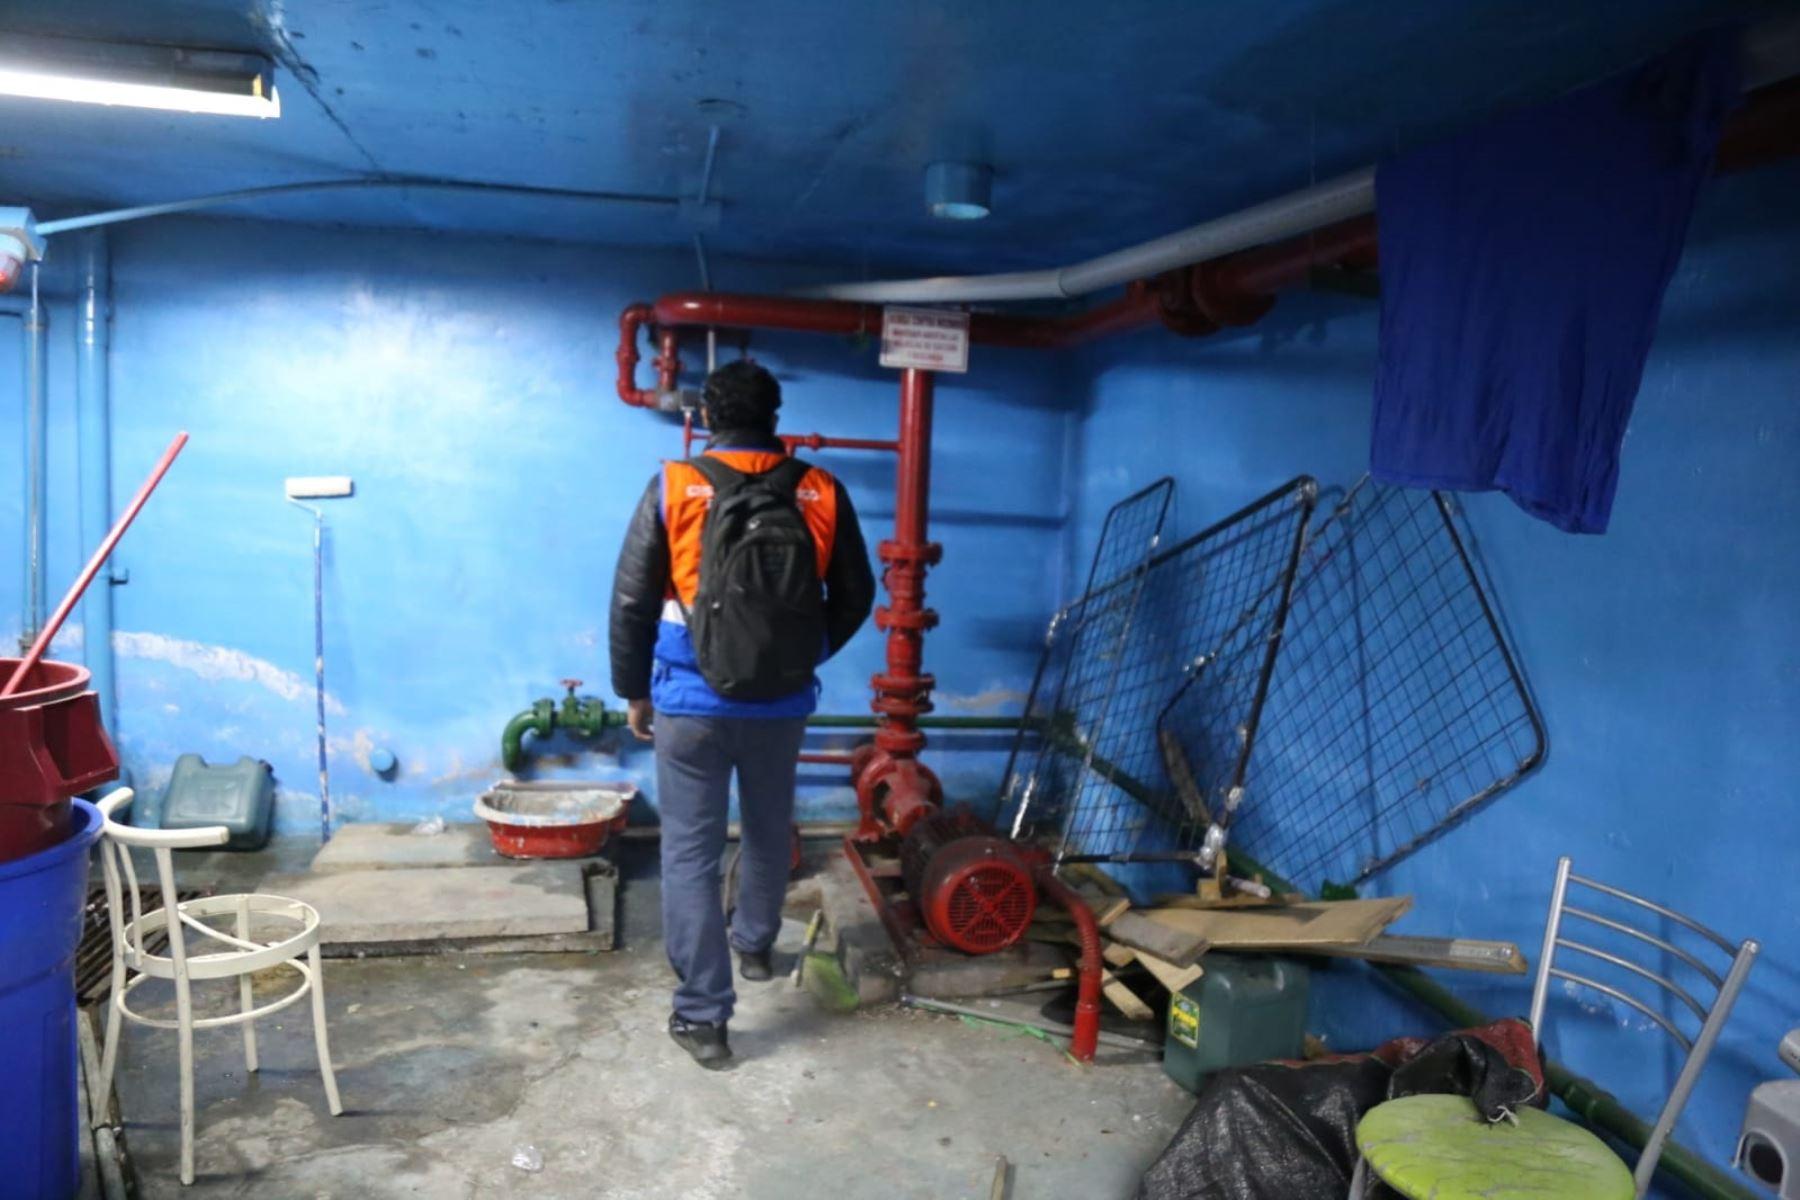 La Municipalidad de Lima clausuró el centro comercial Unicachi, ubicado en la cuadra 10 de la Av. Abancay, por realizar actividades económicas sin contar con las condiciones técnicas ni medidas de seguridad en sus instalaciones. Foto: Municipalidad de Lima